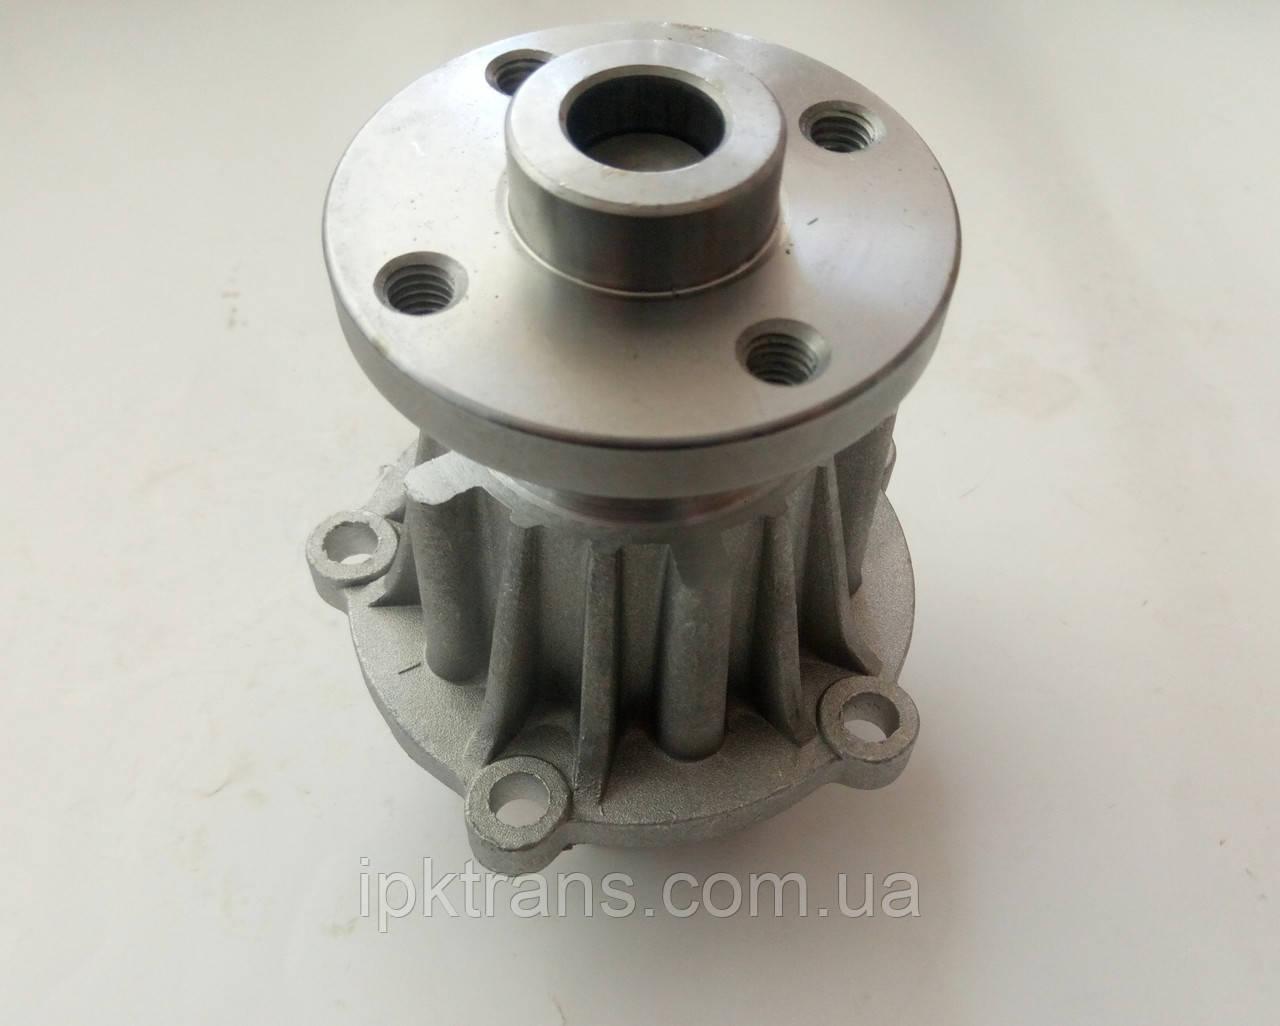 Насос водяной на двигатель TOYOTA 5K (1020 грн) 16120-78120-71, 161207812071